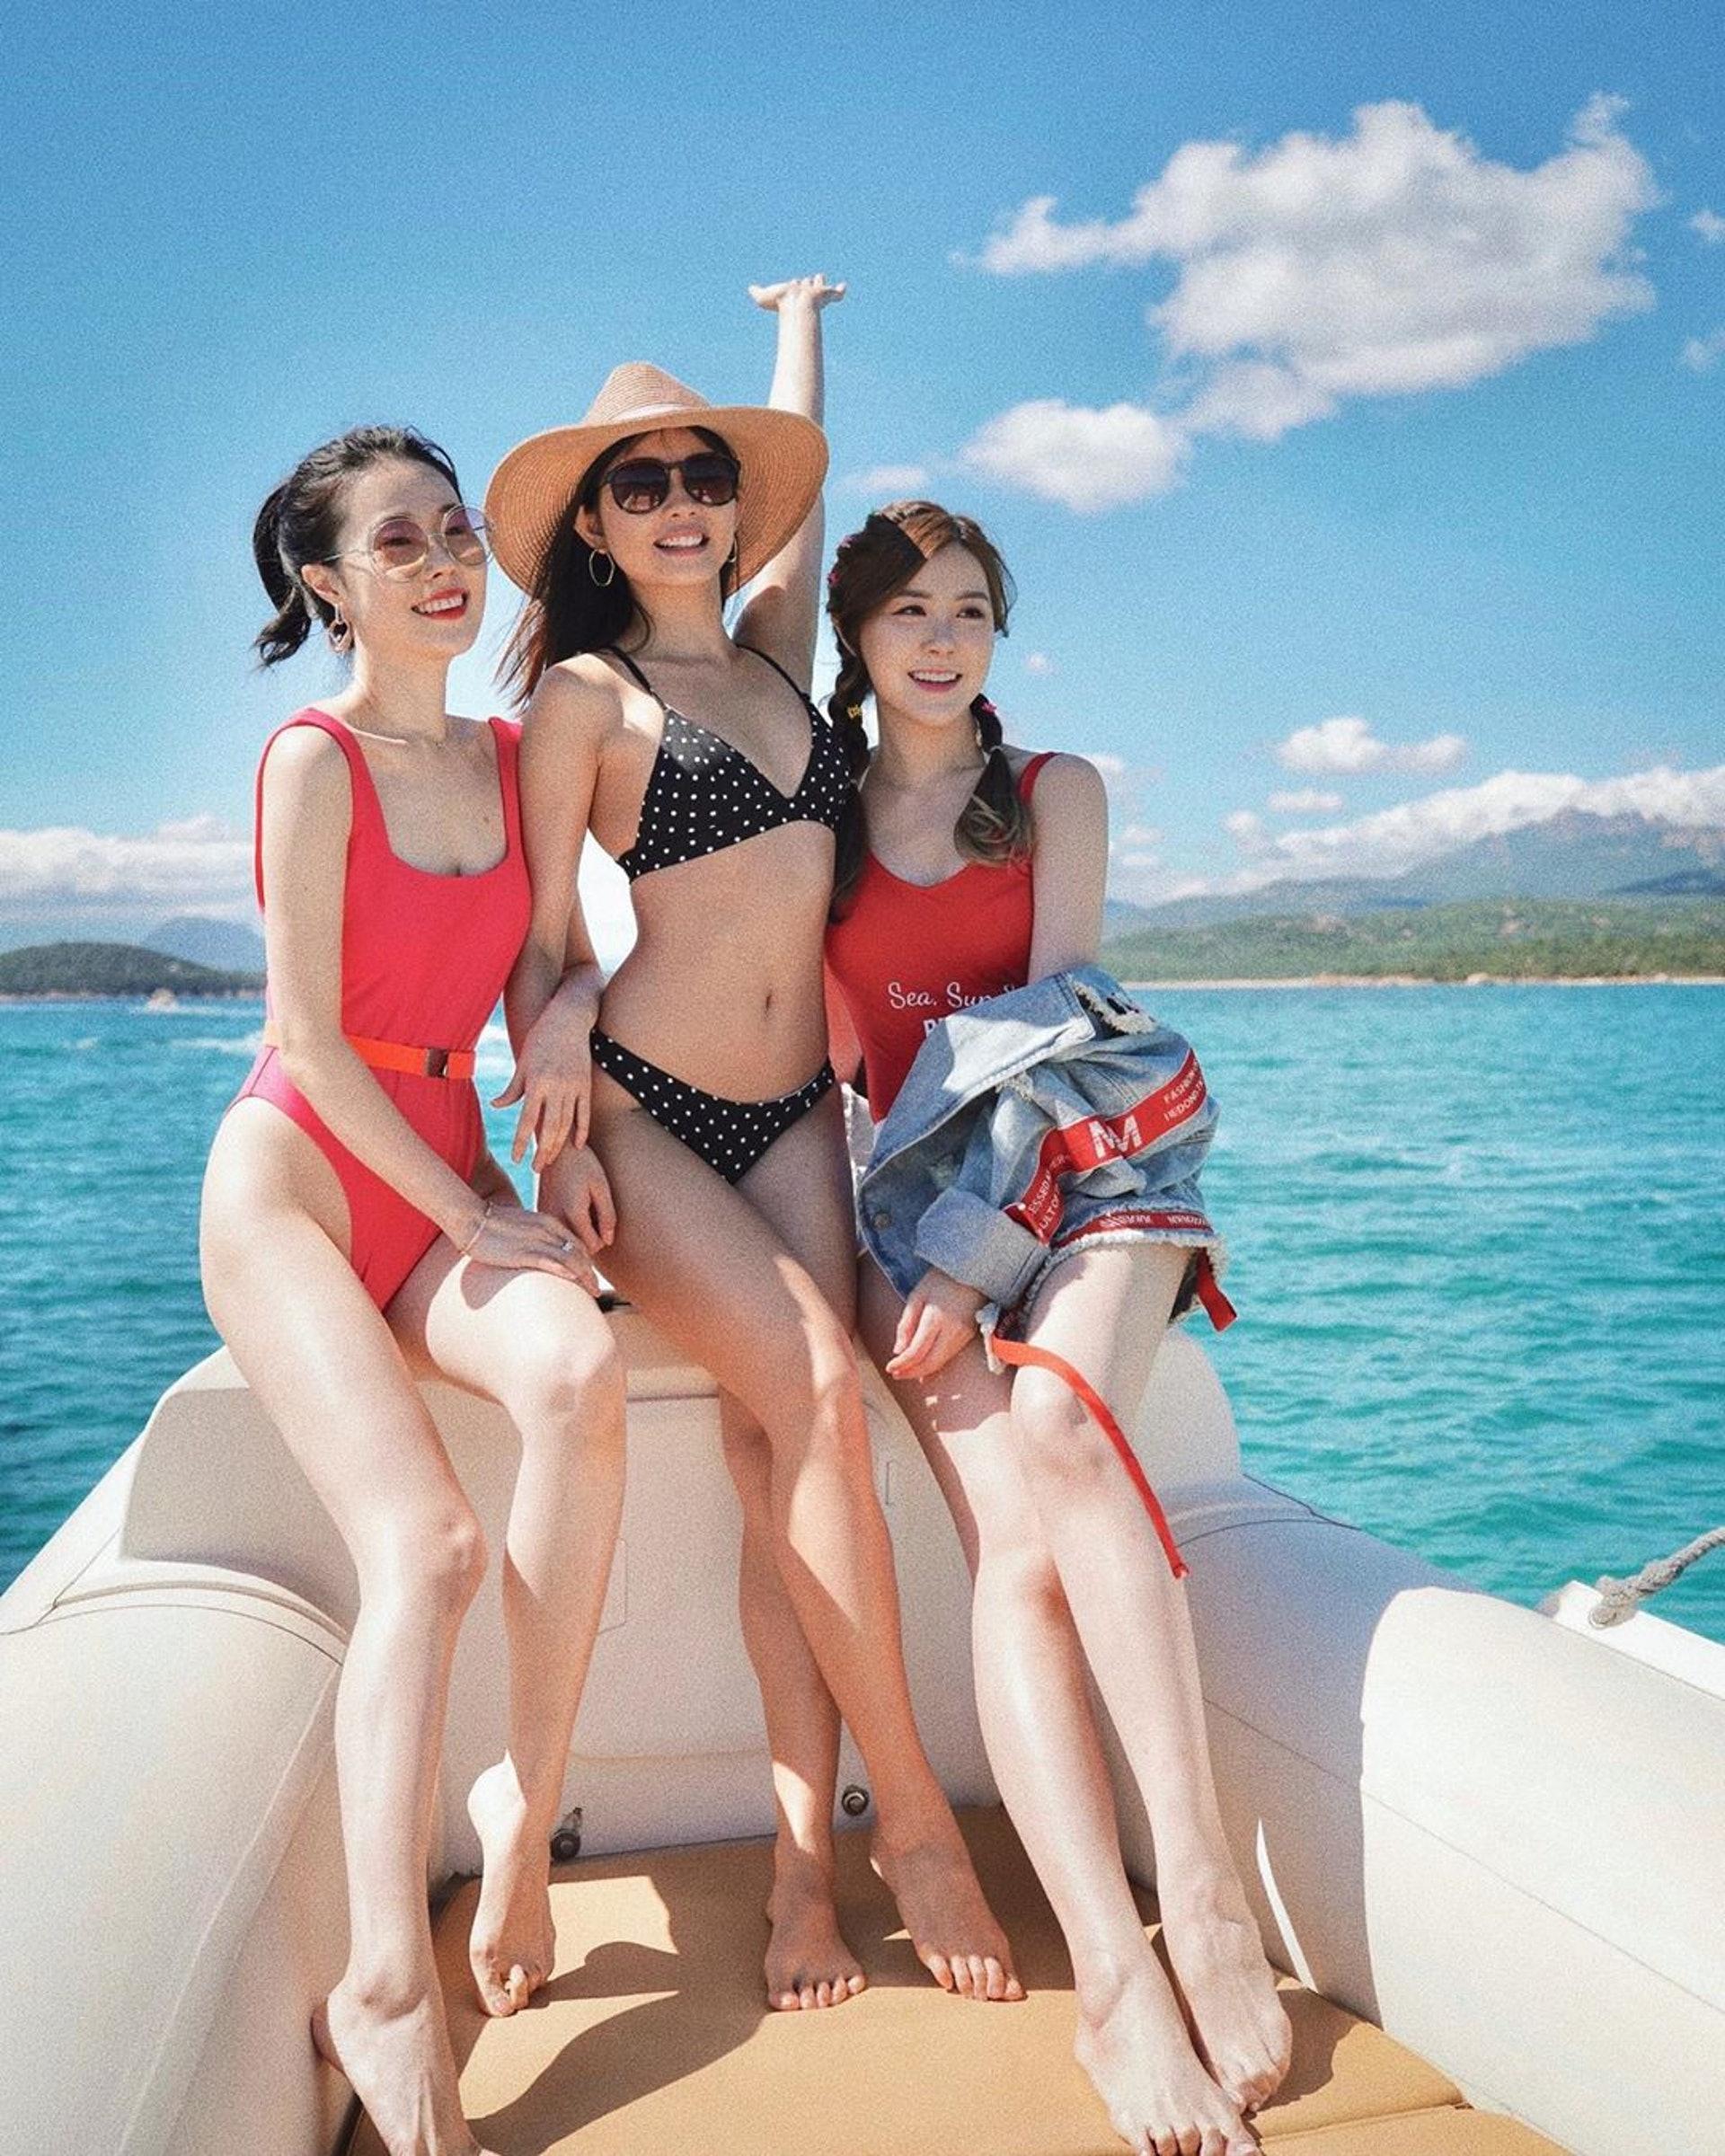 三位靚女都是長腿之人。(@Suechangg IG圖片)